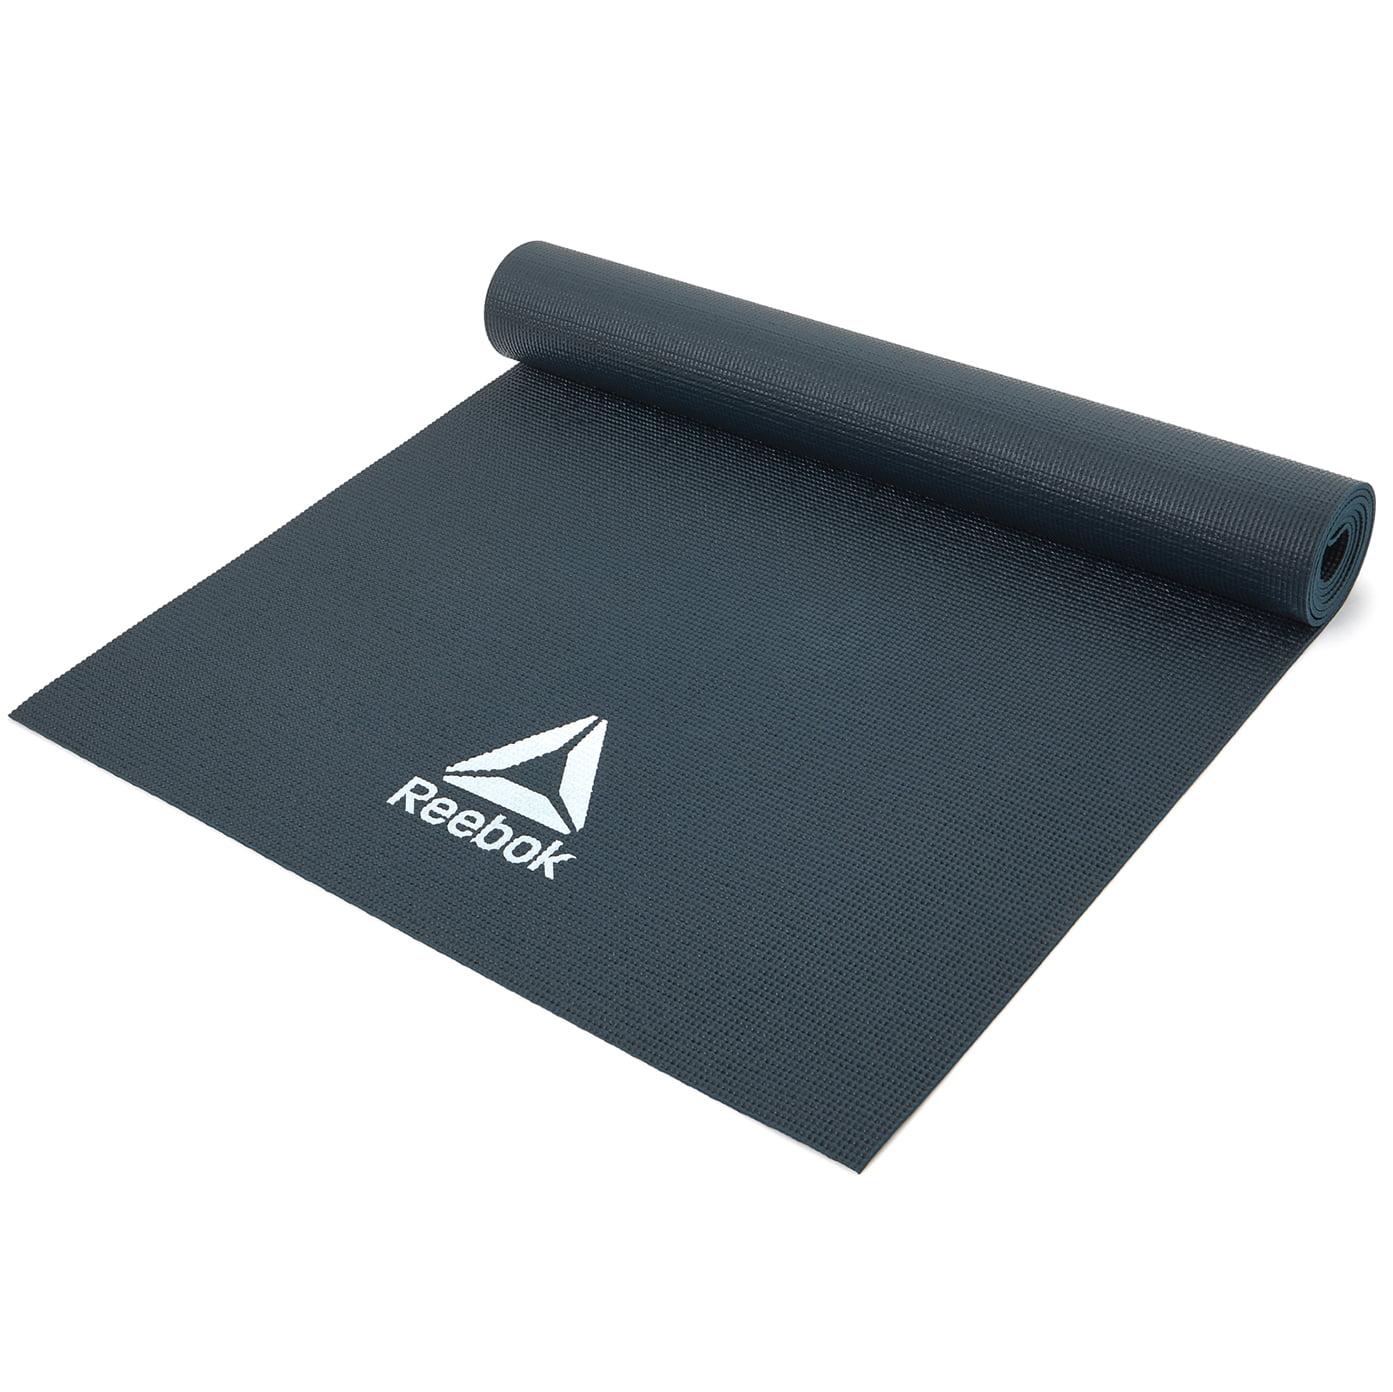 Reebok Yoga Mat 4mm Walmart Com Walmart Com